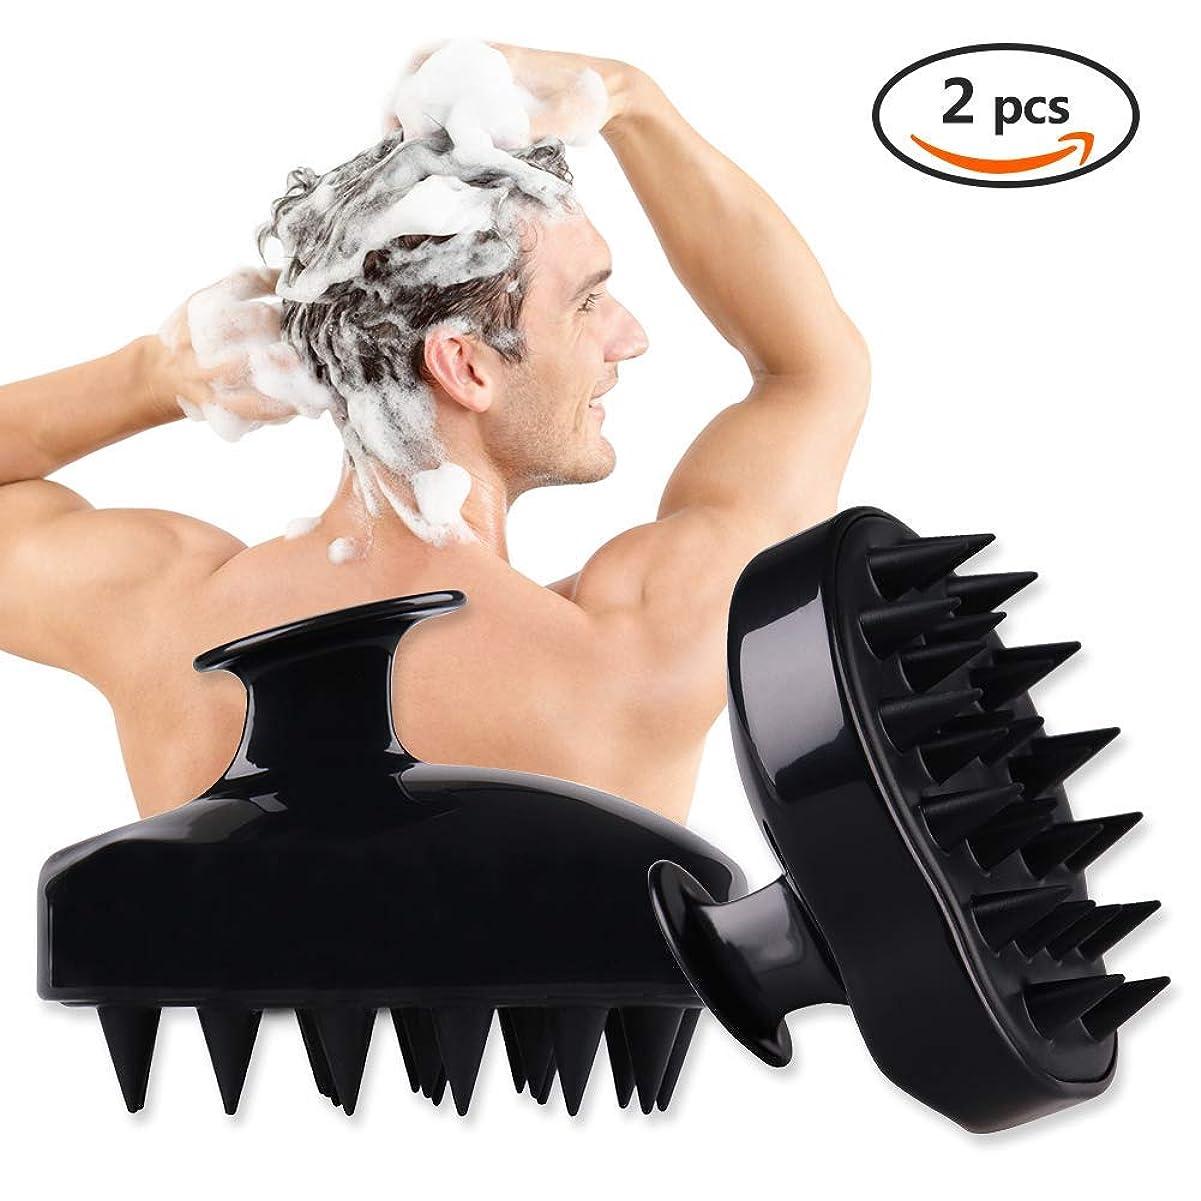 変数ありふれた上にシリコン シャンプーブラシ 頭皮マッサージ 美髪 洗髪櫛 頭皮洗浄 血行促進 疲れ解消 使い安い 便利 2個セット (黒x2)